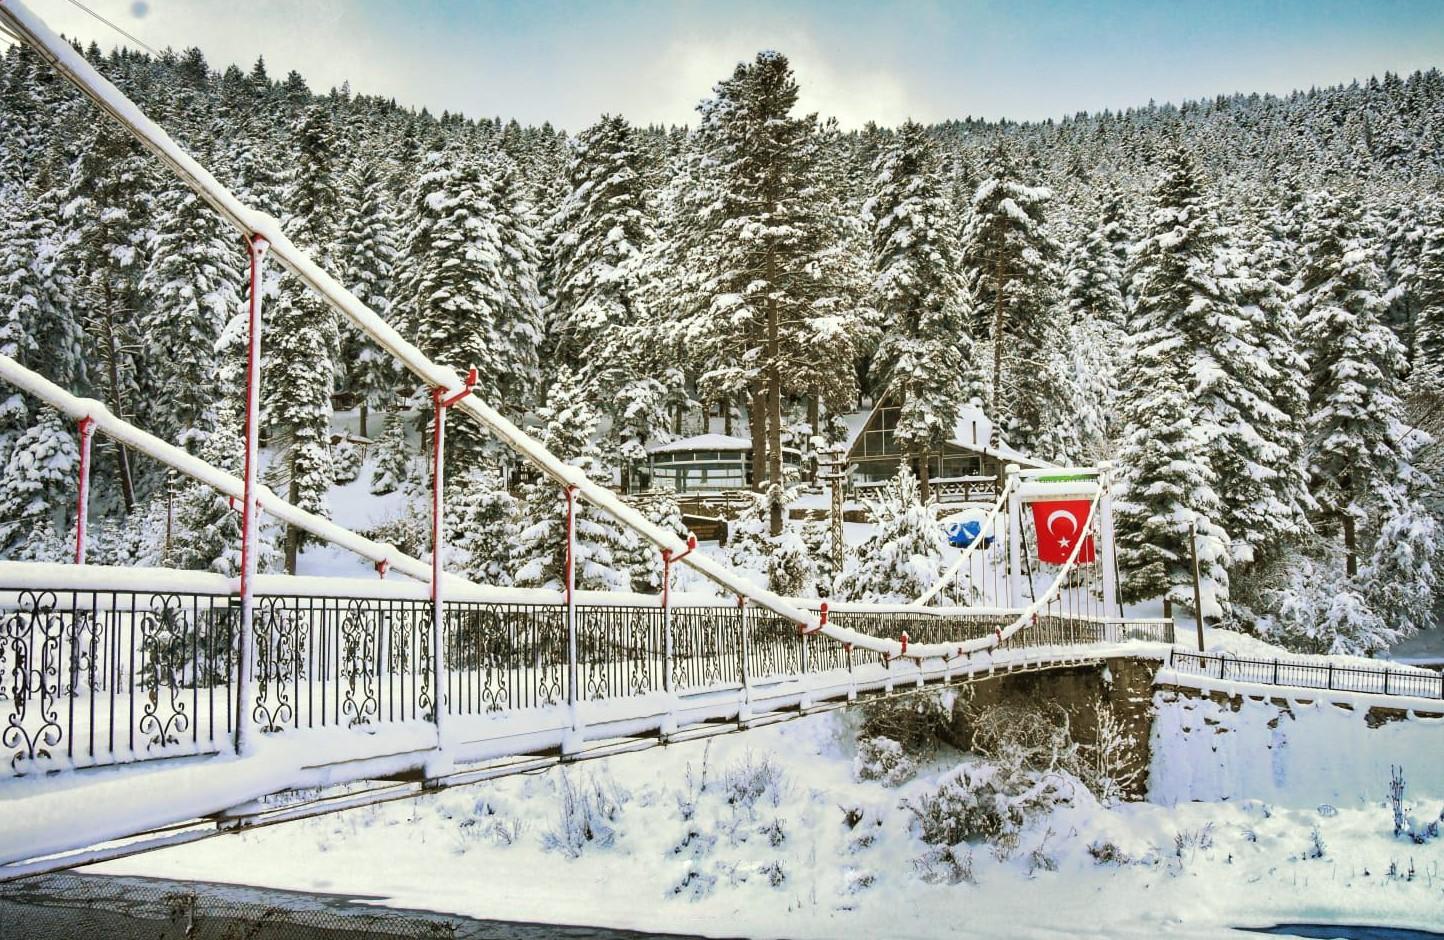 Kastamonu'da yağan kar ortaya mest eden görüntüler çıkardı